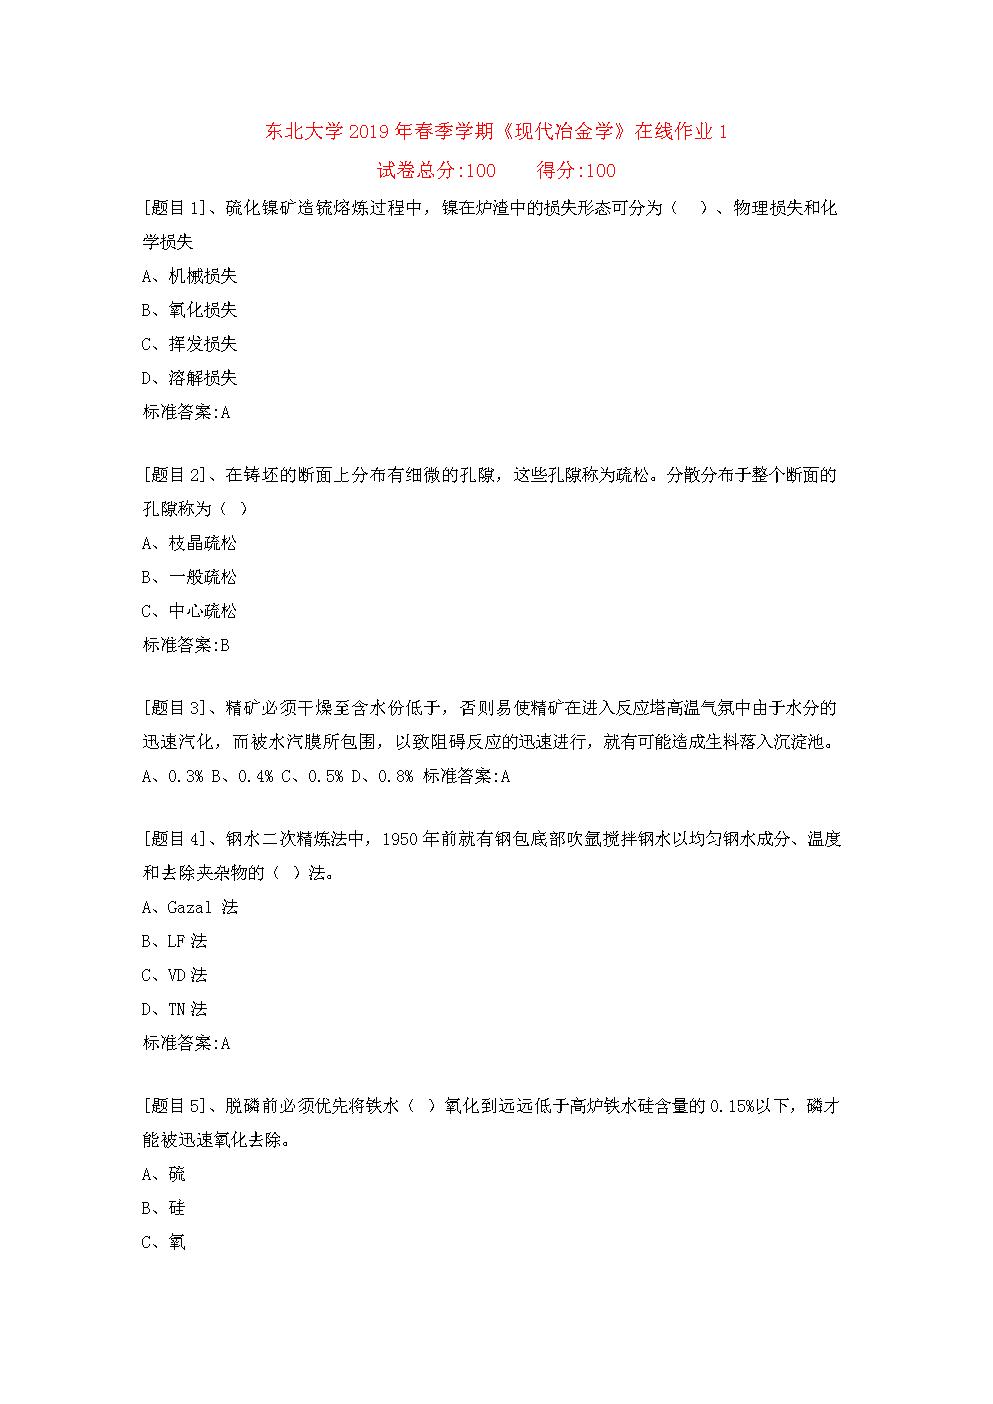 东北大学2019年春季学期《现代冶金学》在线作业(答案).doc